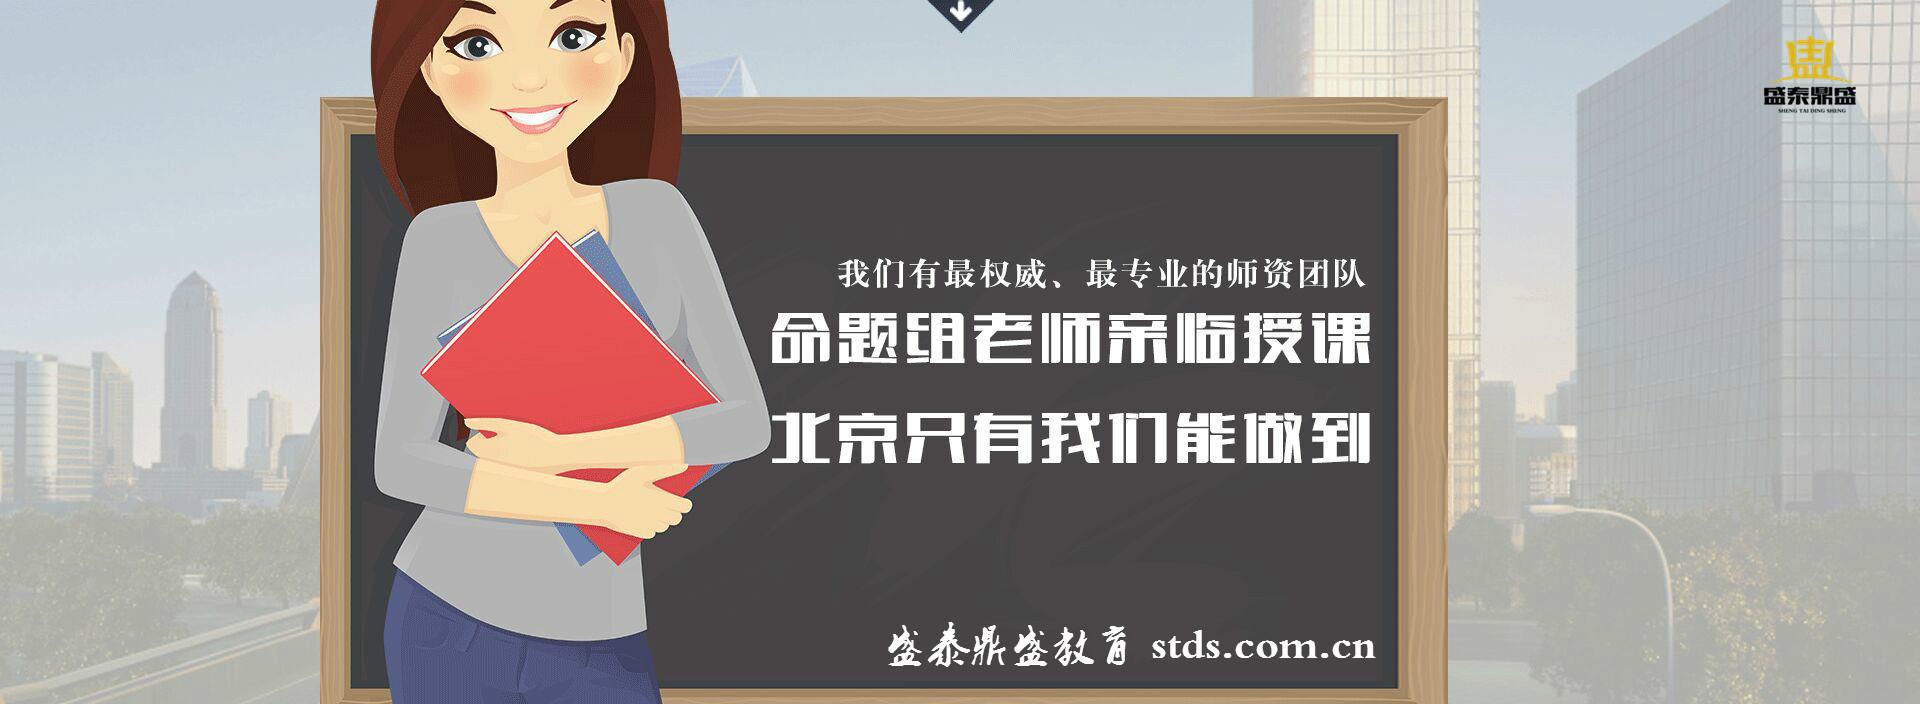 平顶山网教报名自考大专本科学历提升stds.com.cn